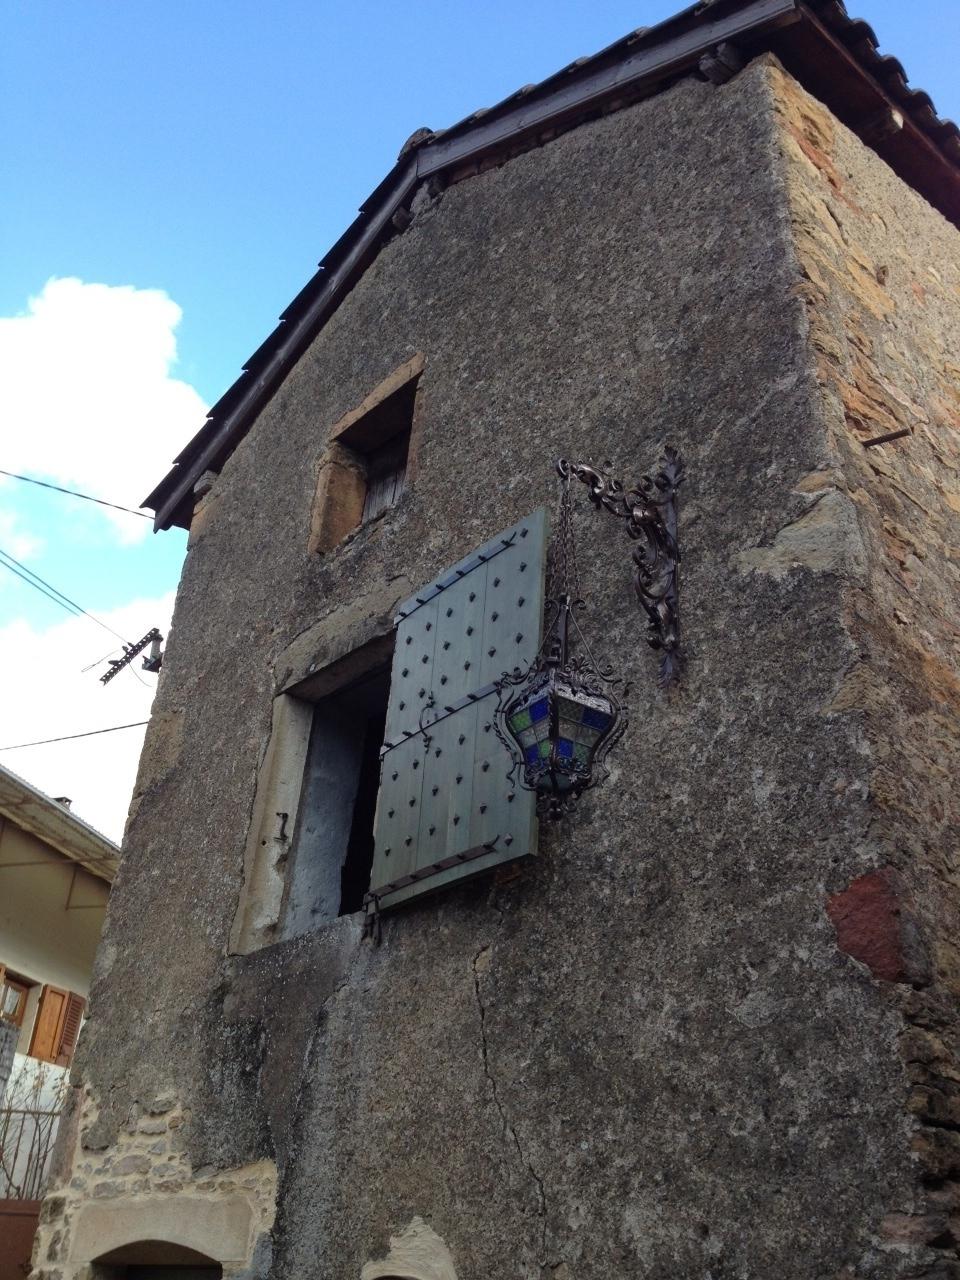 <b>Porte enseigne médiéval</b> qui sert de support de fixation pour lampadaire.